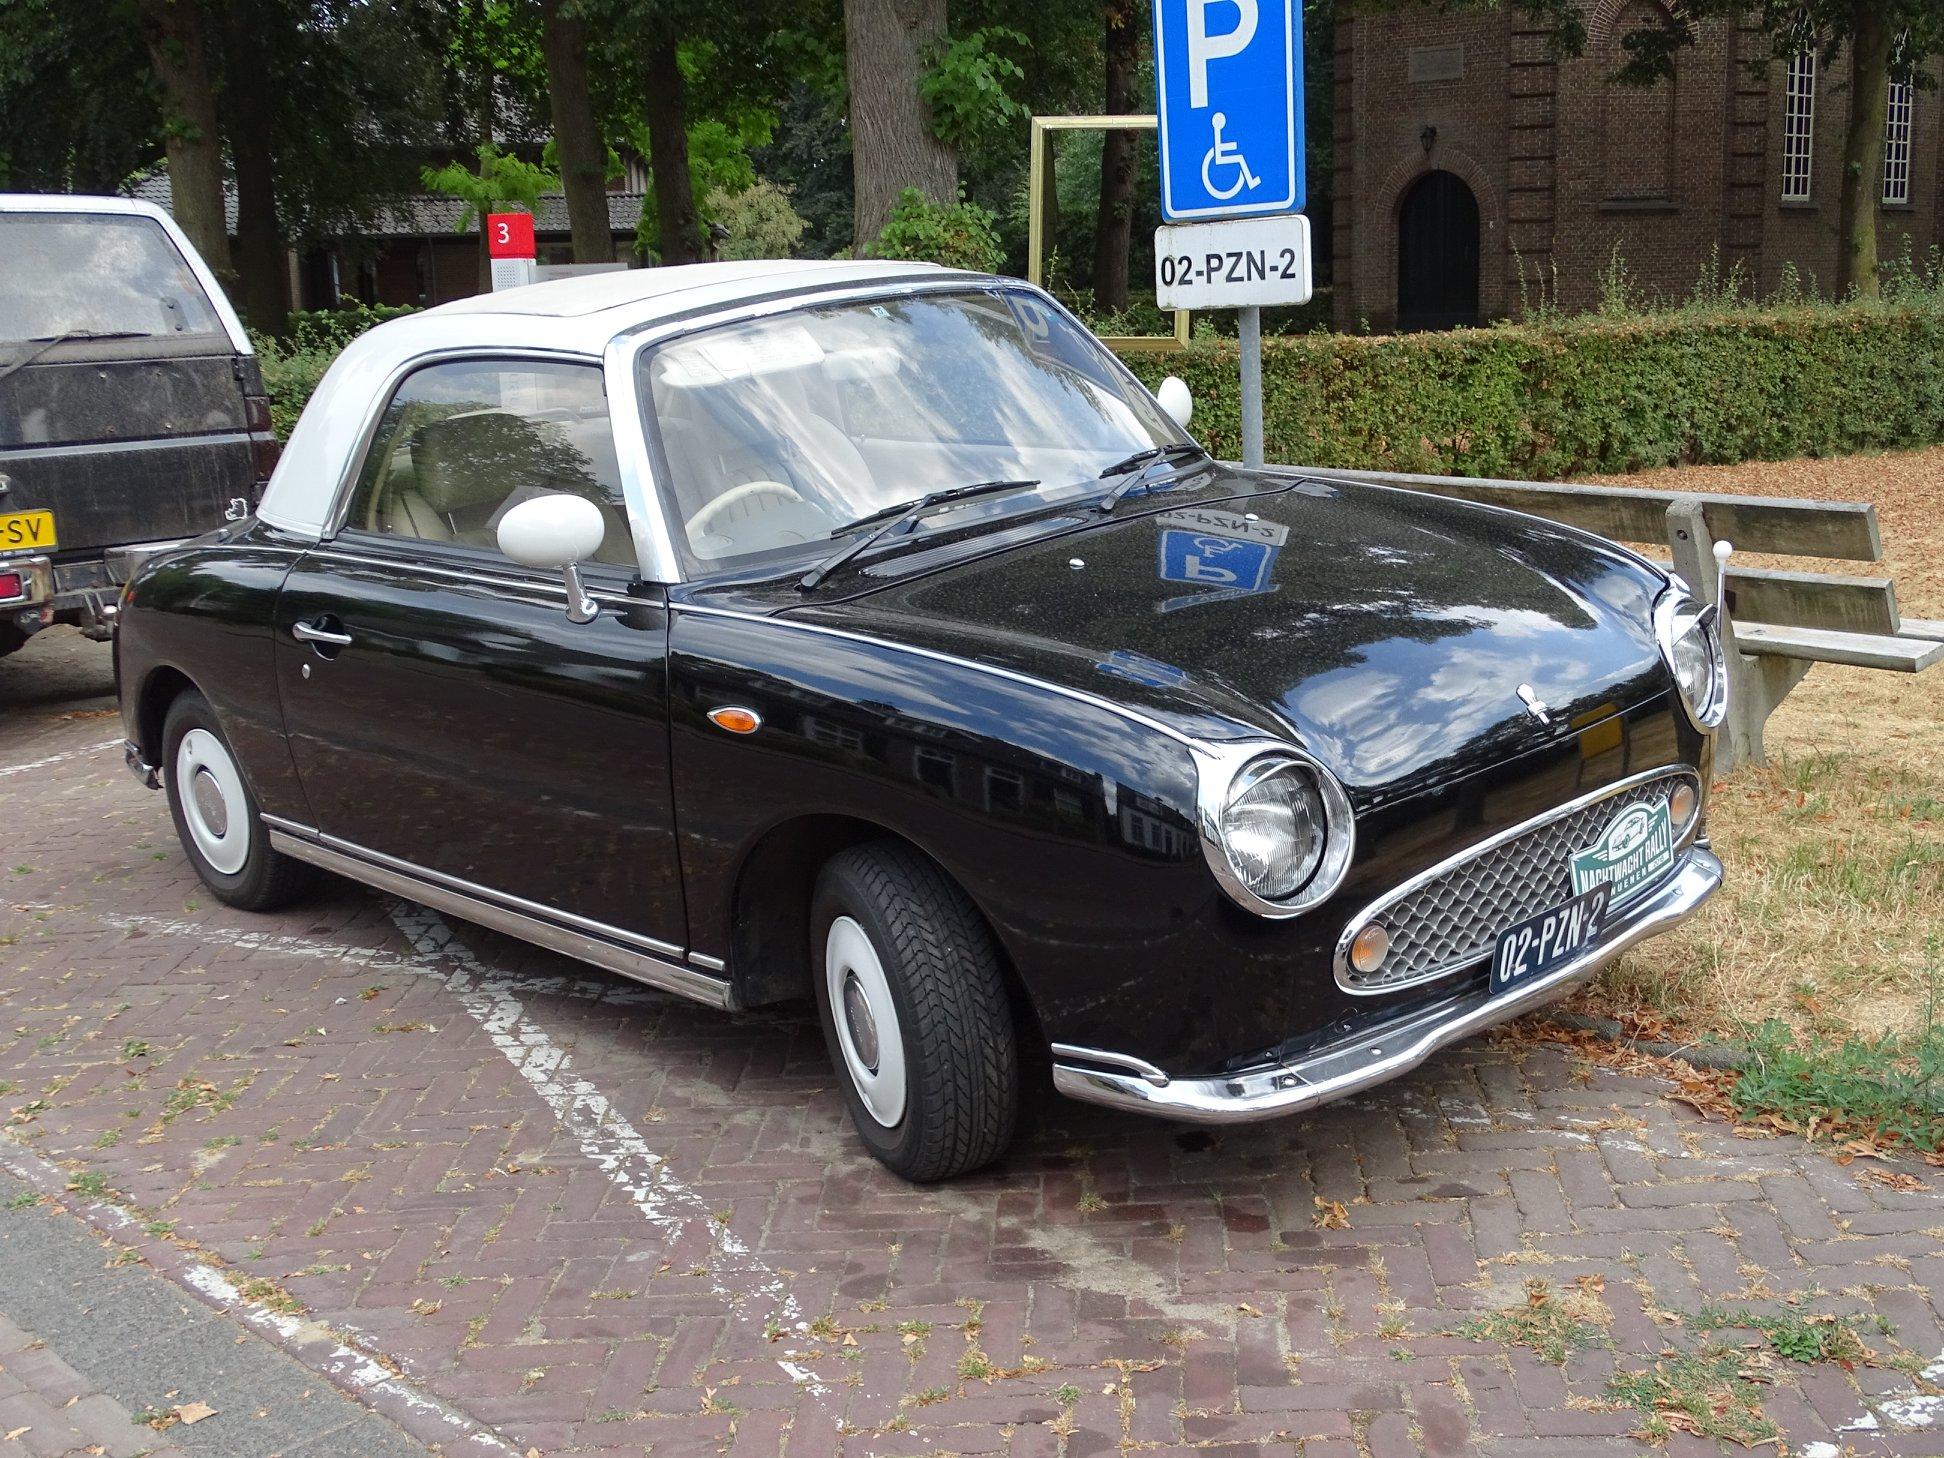 Nissan-Figaro-in-Nuenen-23-7-2018